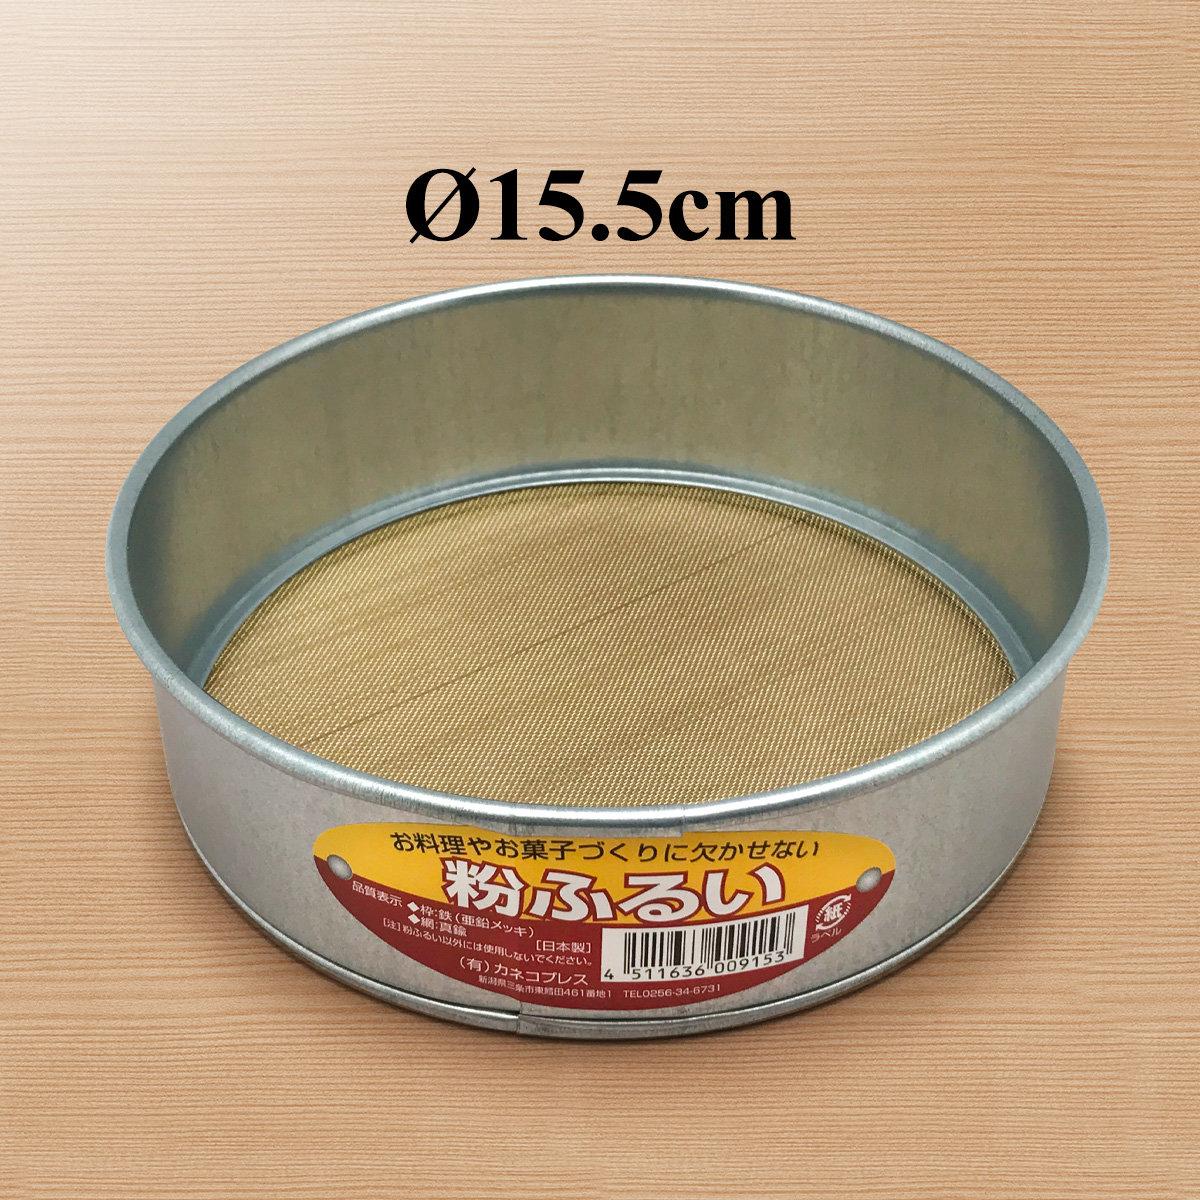 日本製耐磨黃銅網篩粉器15.5cm (600915)